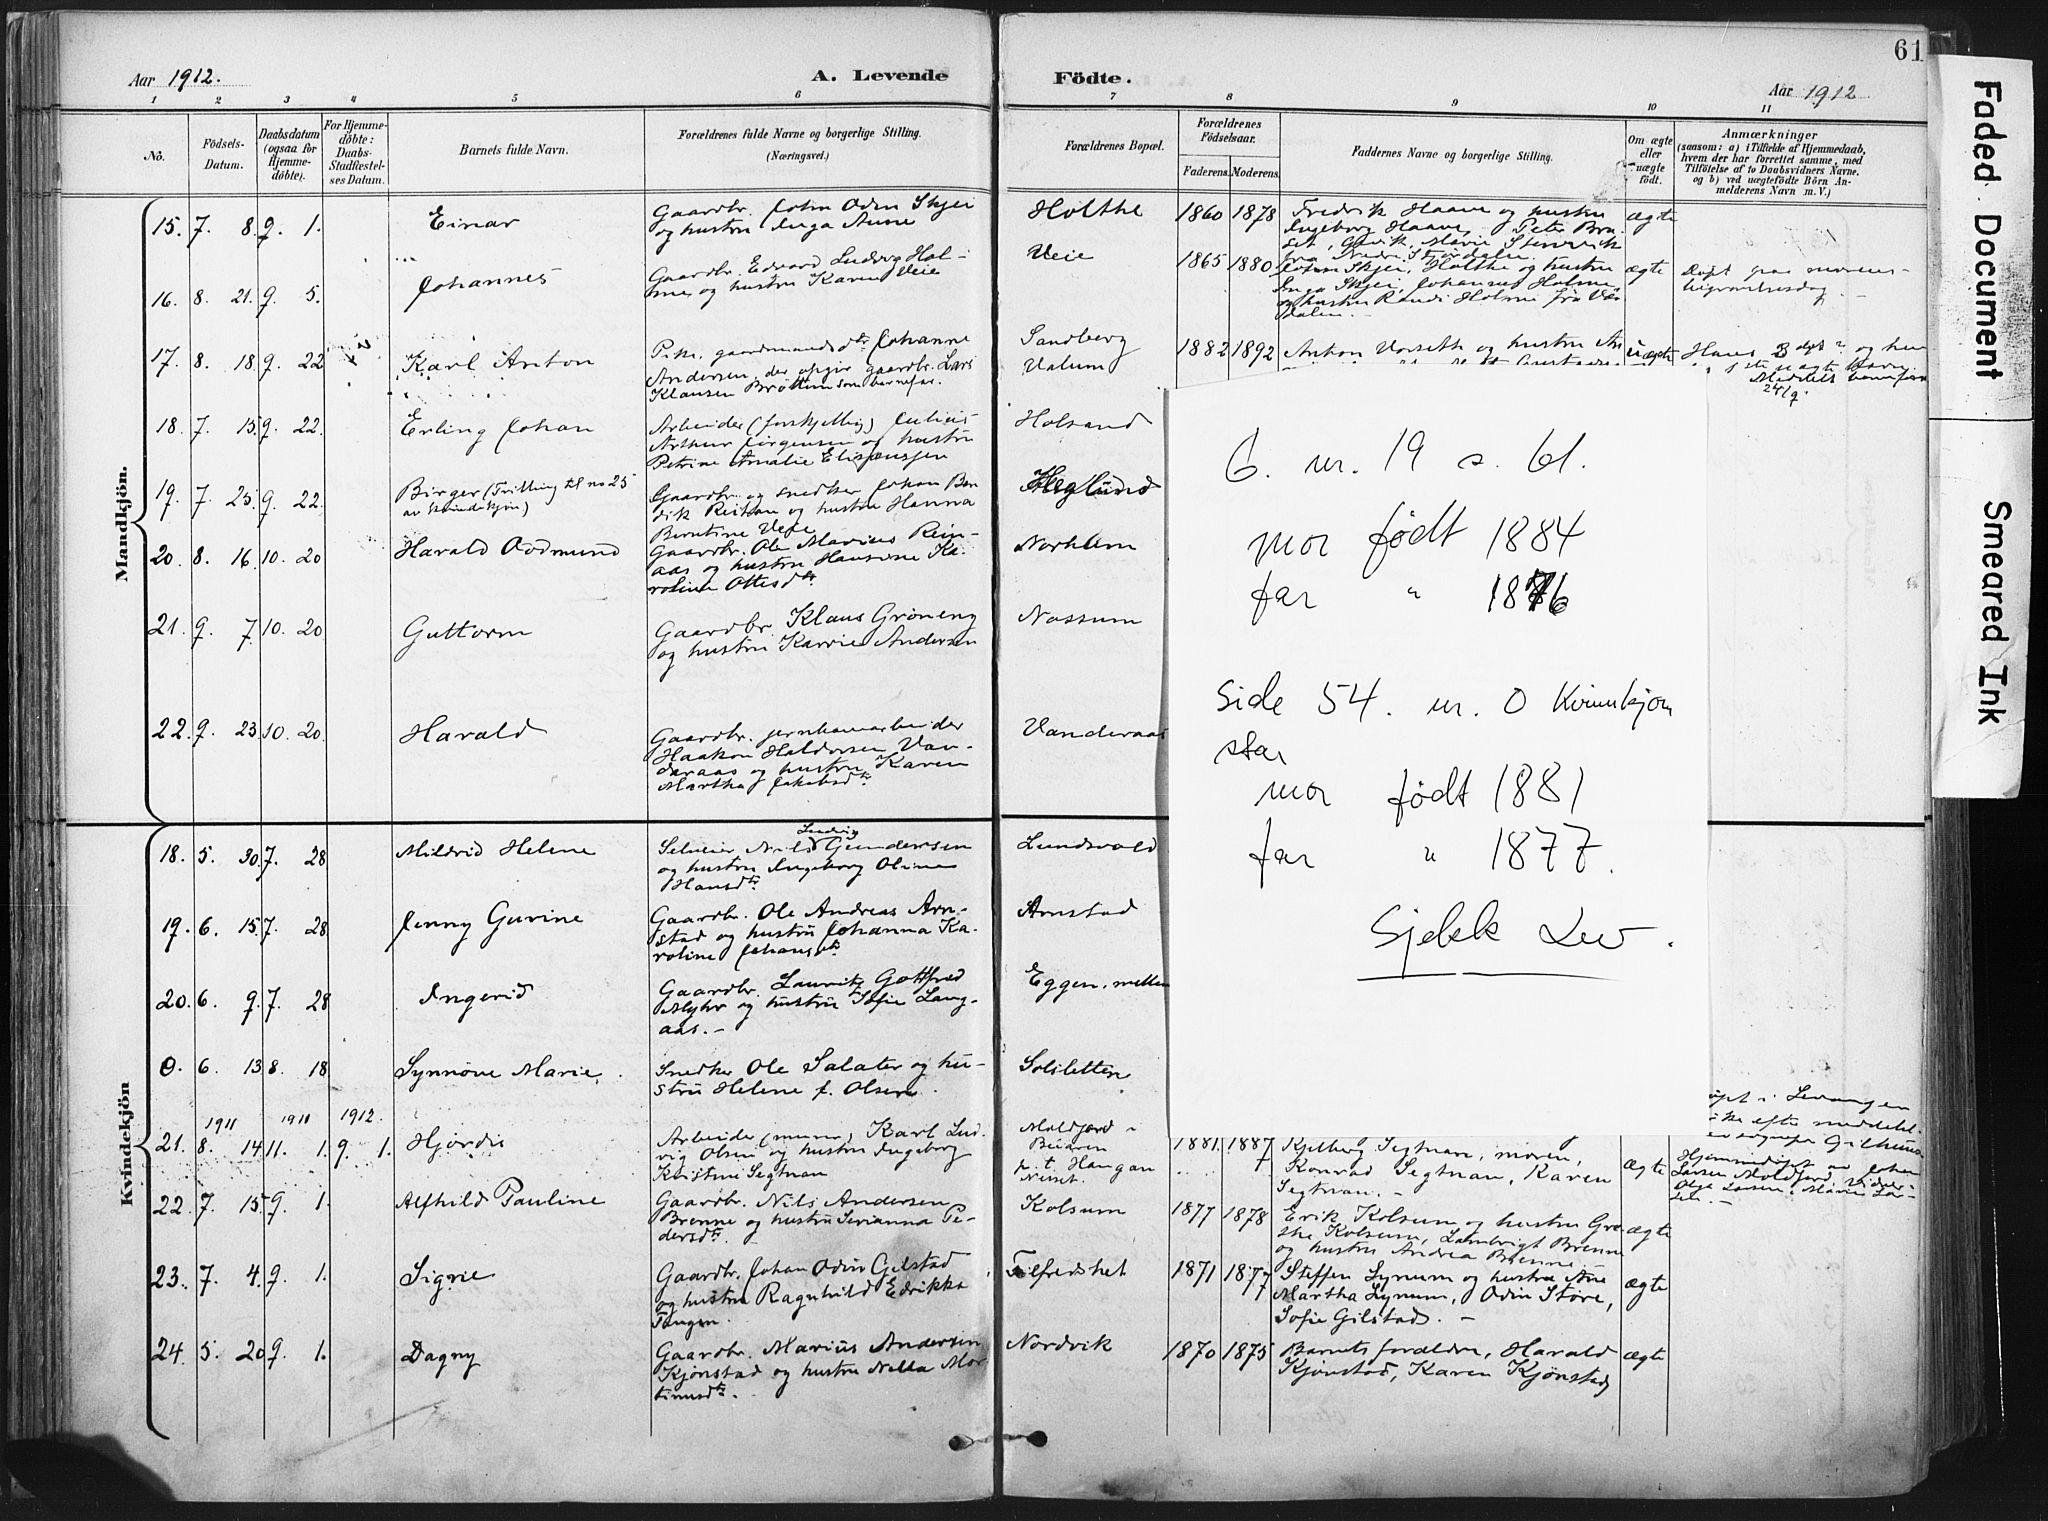 SAT, Ministerialprotokoller, klokkerbøker og fødselsregistre - Nord-Trøndelag, 717/L0162: Ministerialbok nr. 717A12, 1898-1923, s. 61